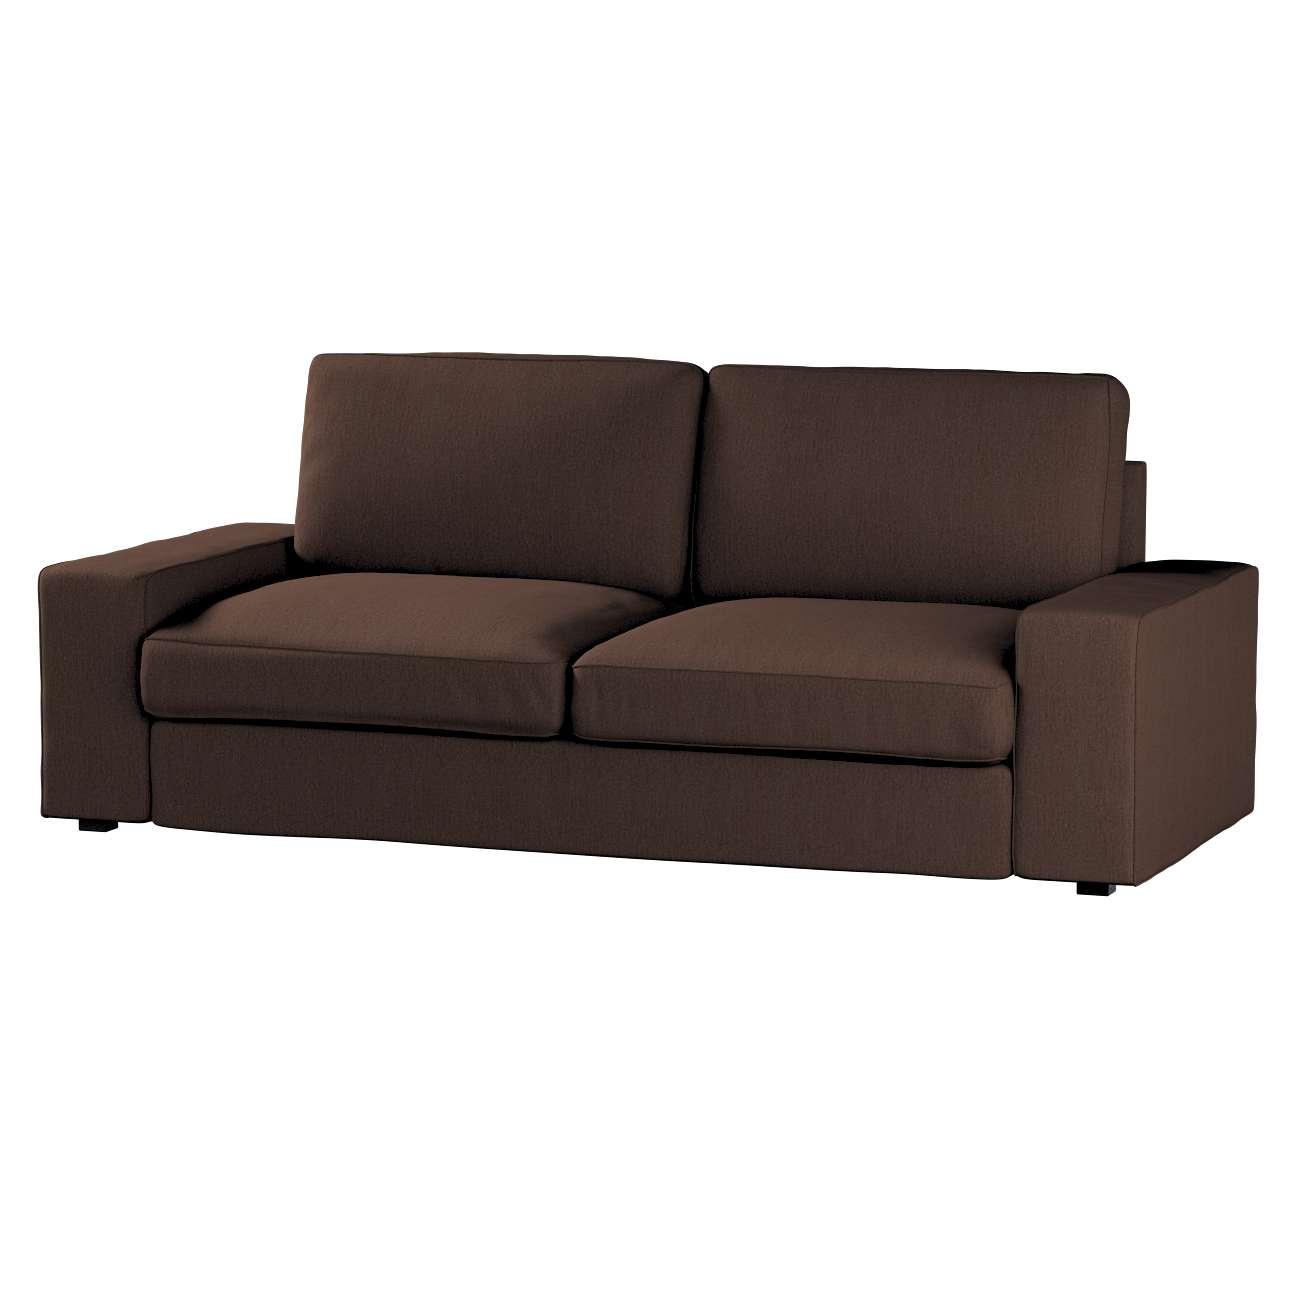 KIVIK trivietės sofos užvalkalas Kivik 3-seat sofa kolekcijoje Chenille, audinys: 702-18